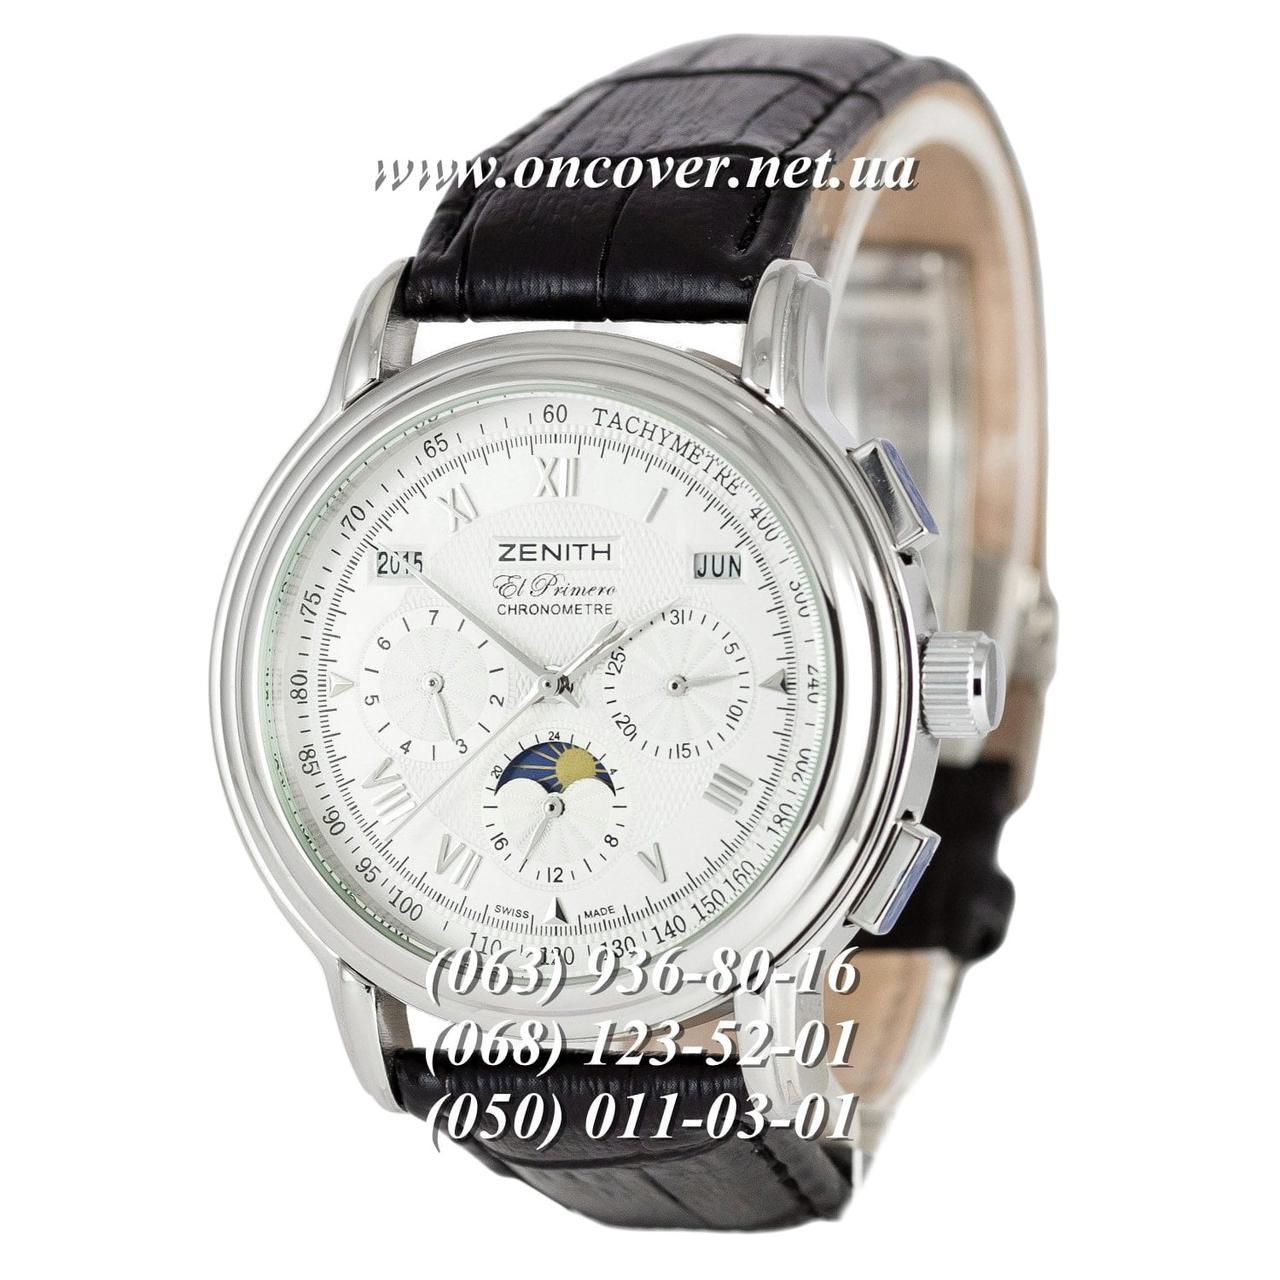 Наручные часы зенит цена часы мужские альберто кавалли купить